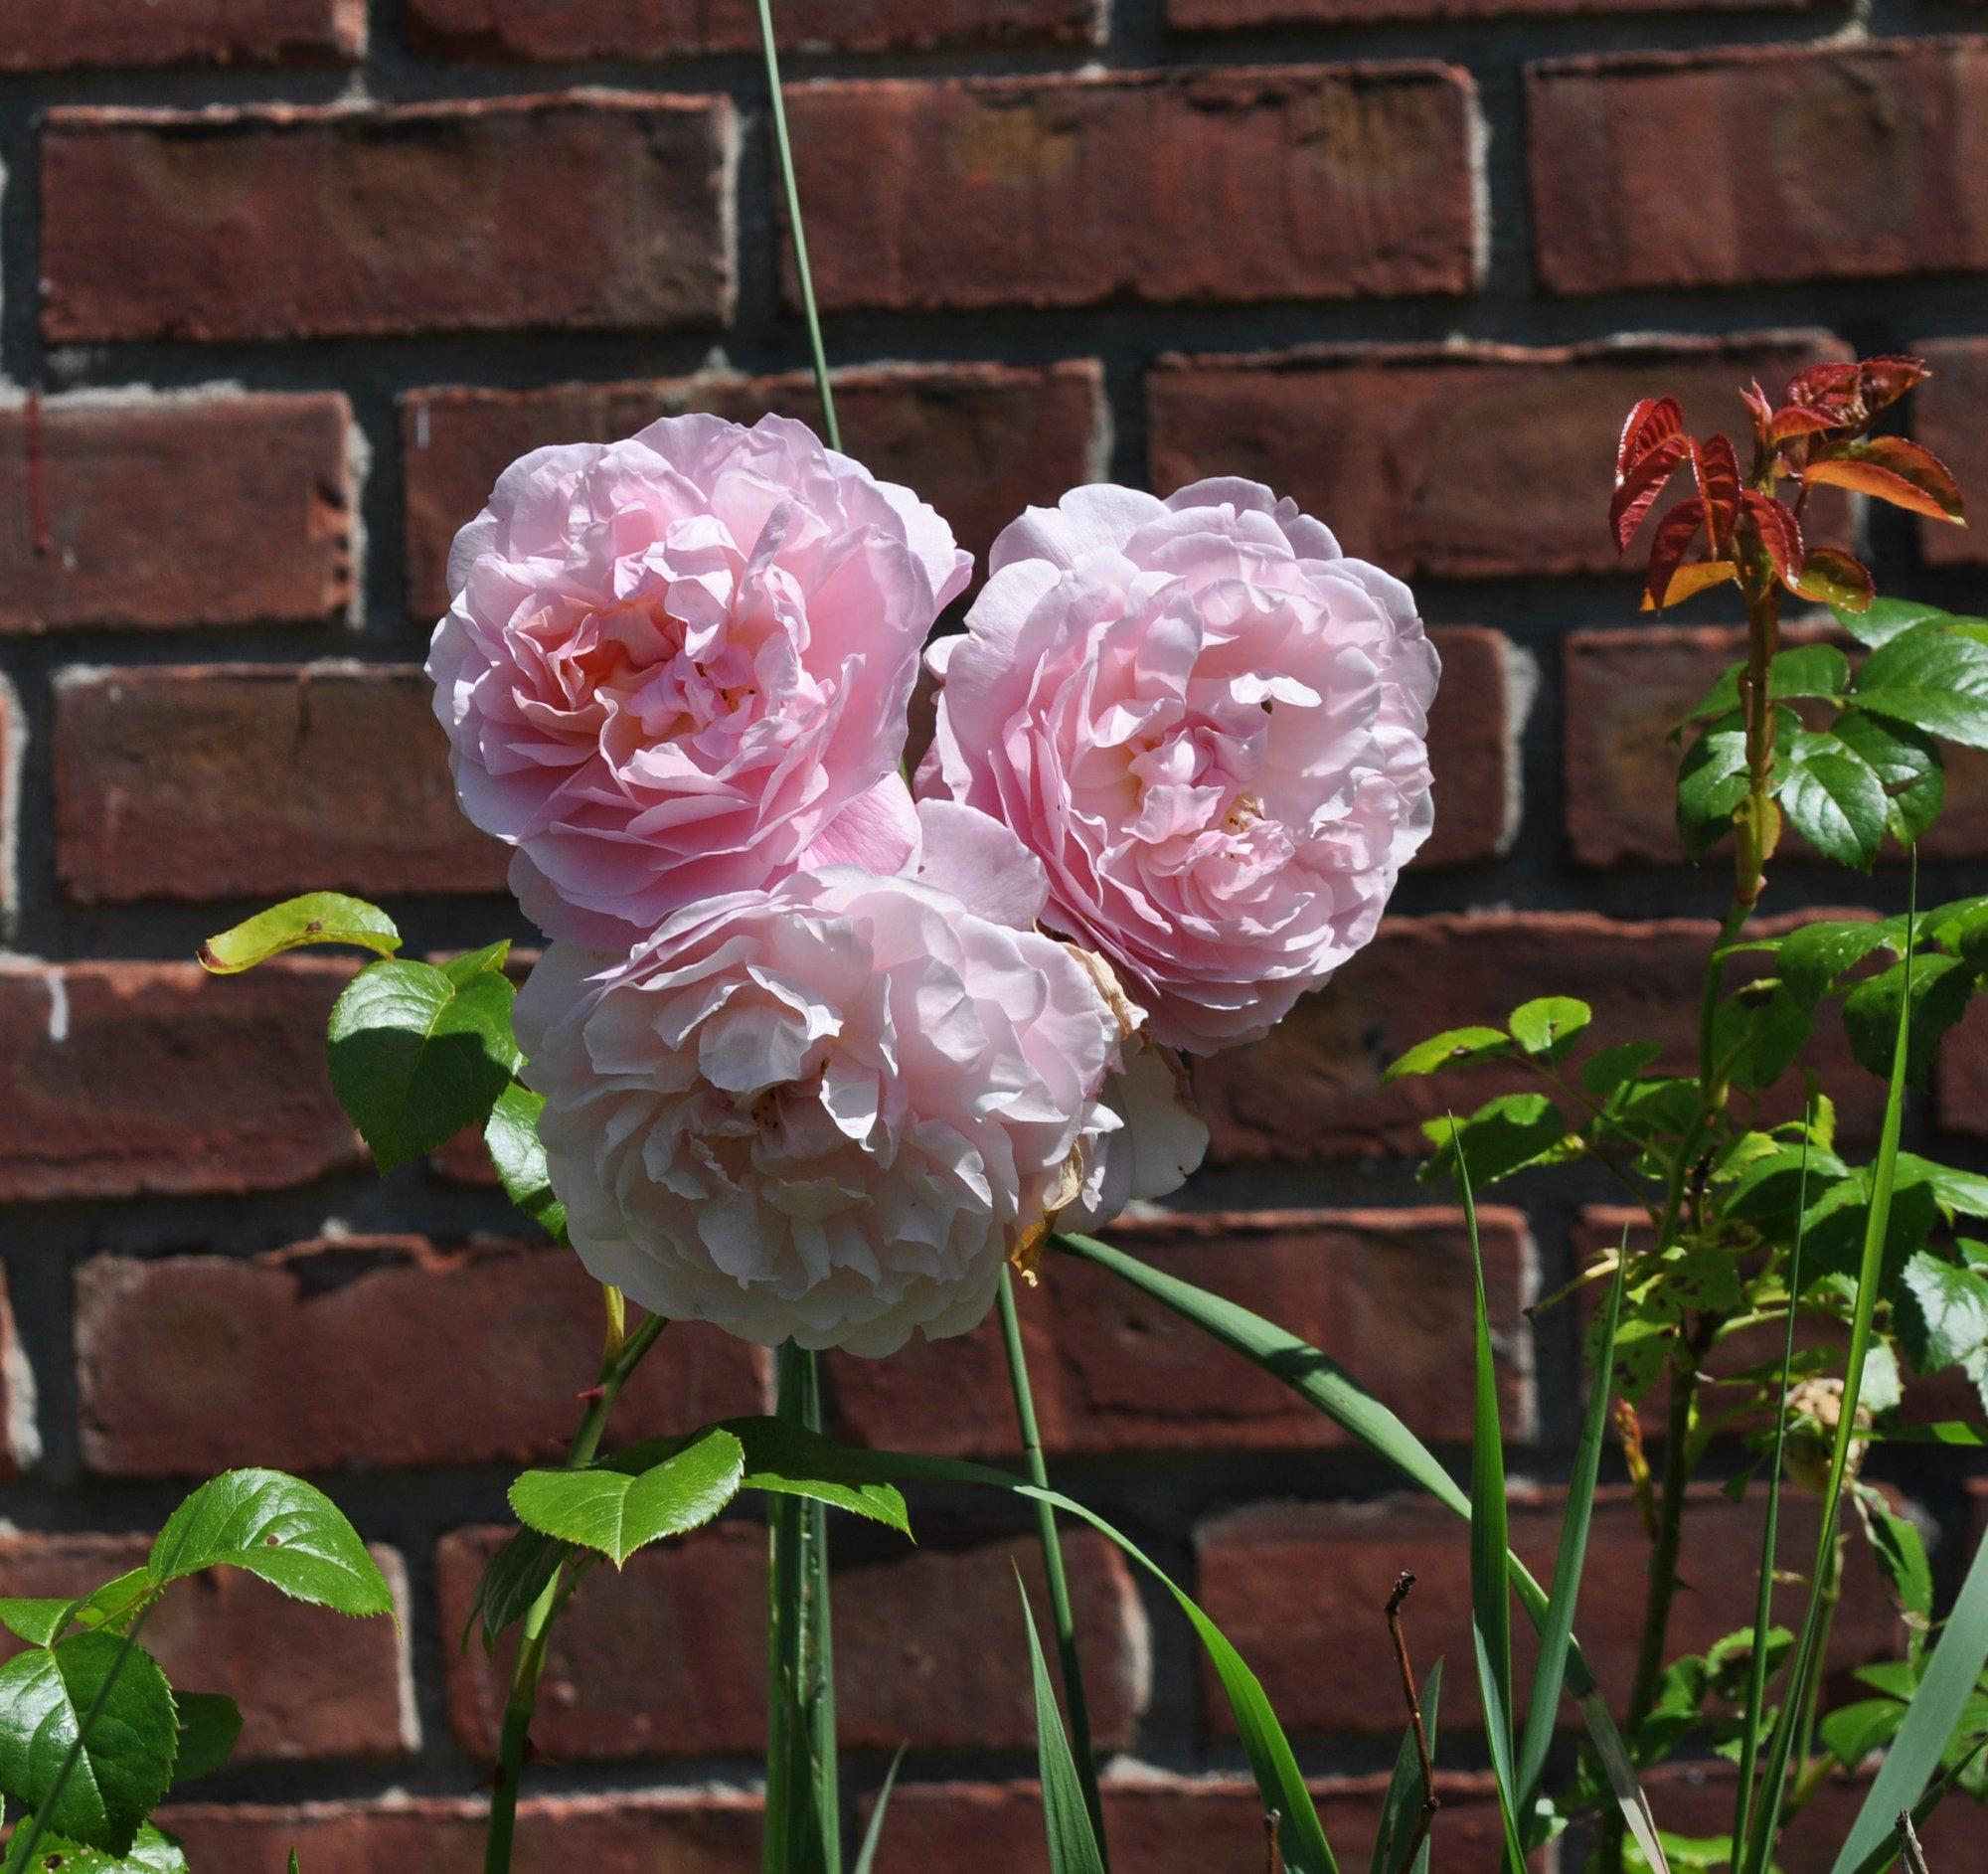 A Rose May Be A Rose May Be A Rose But Varieties Vary